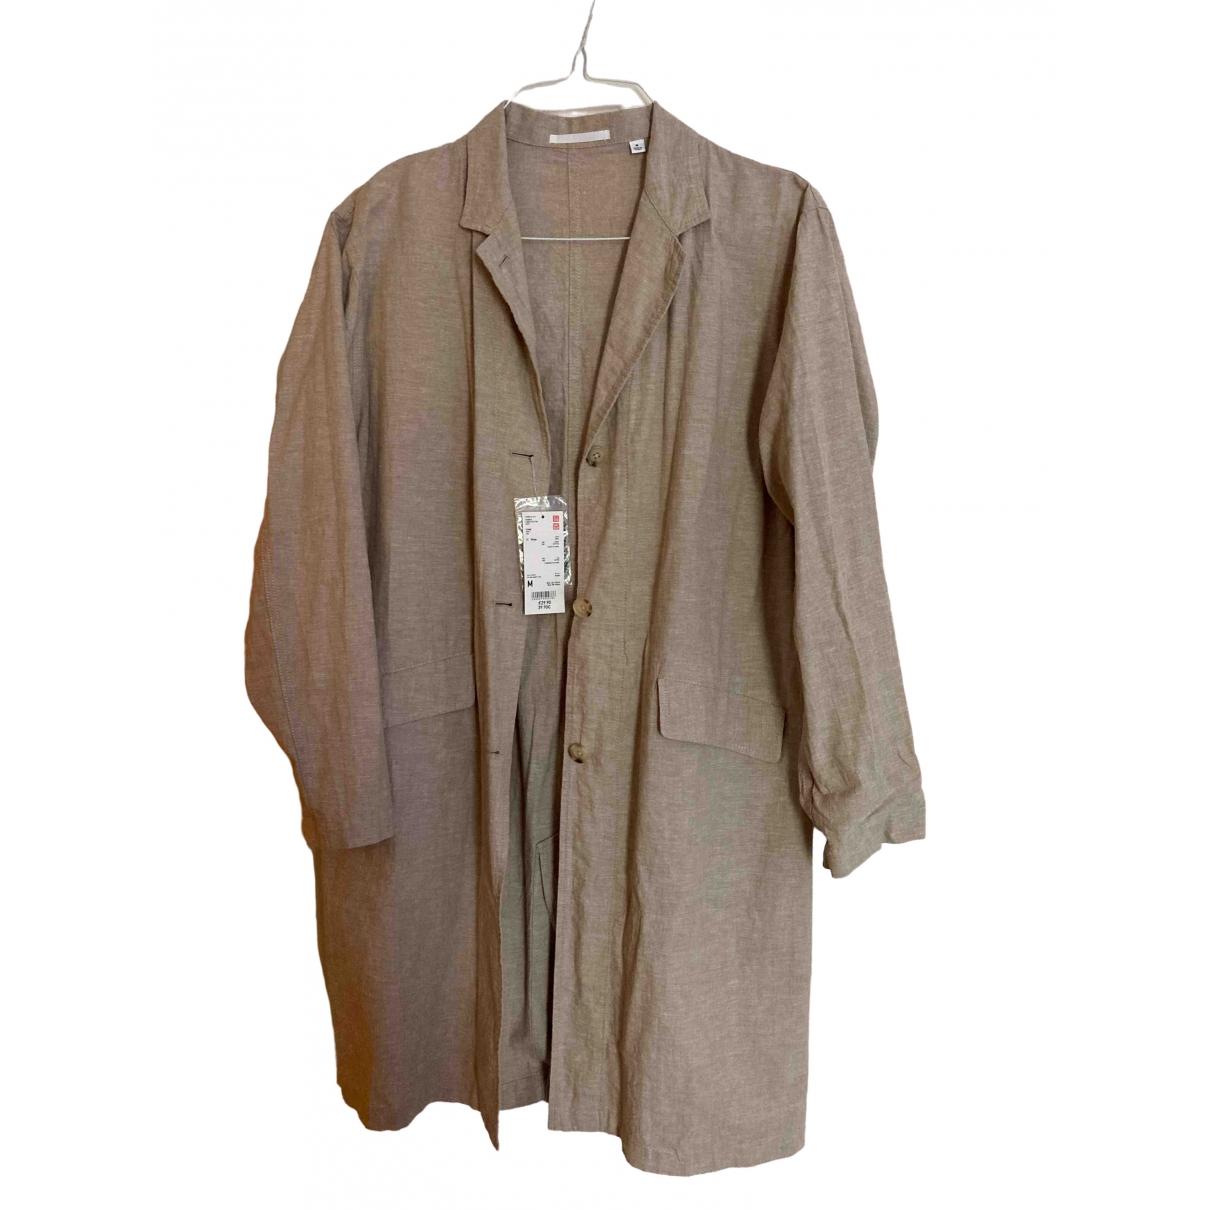 Uniqlo \N Beige Linen coat for Women M International